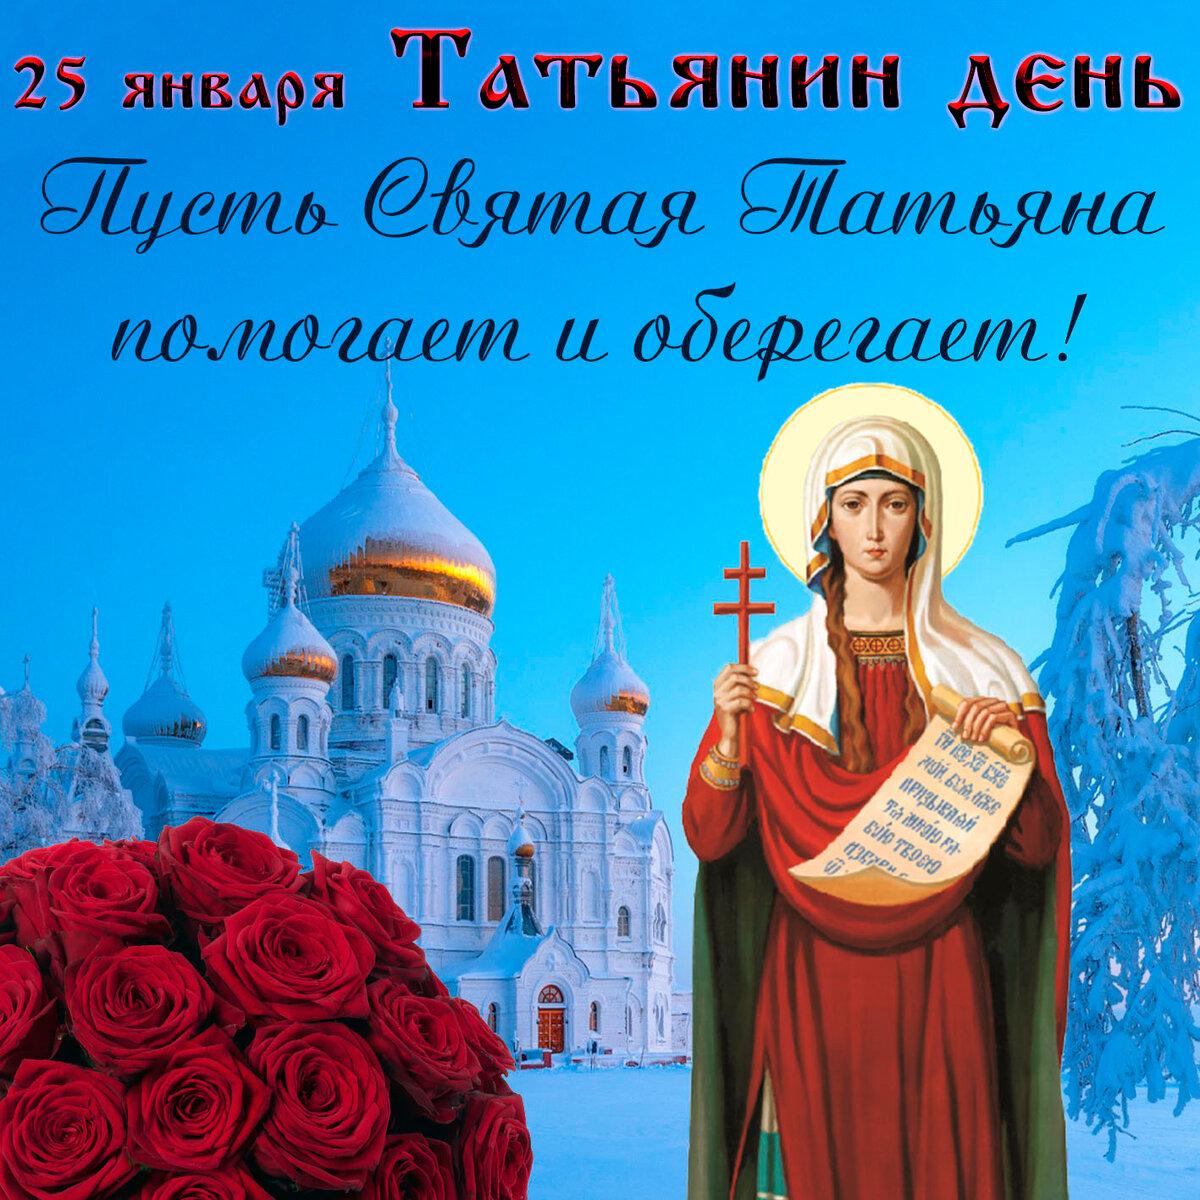 Вацап открытка татьянин день